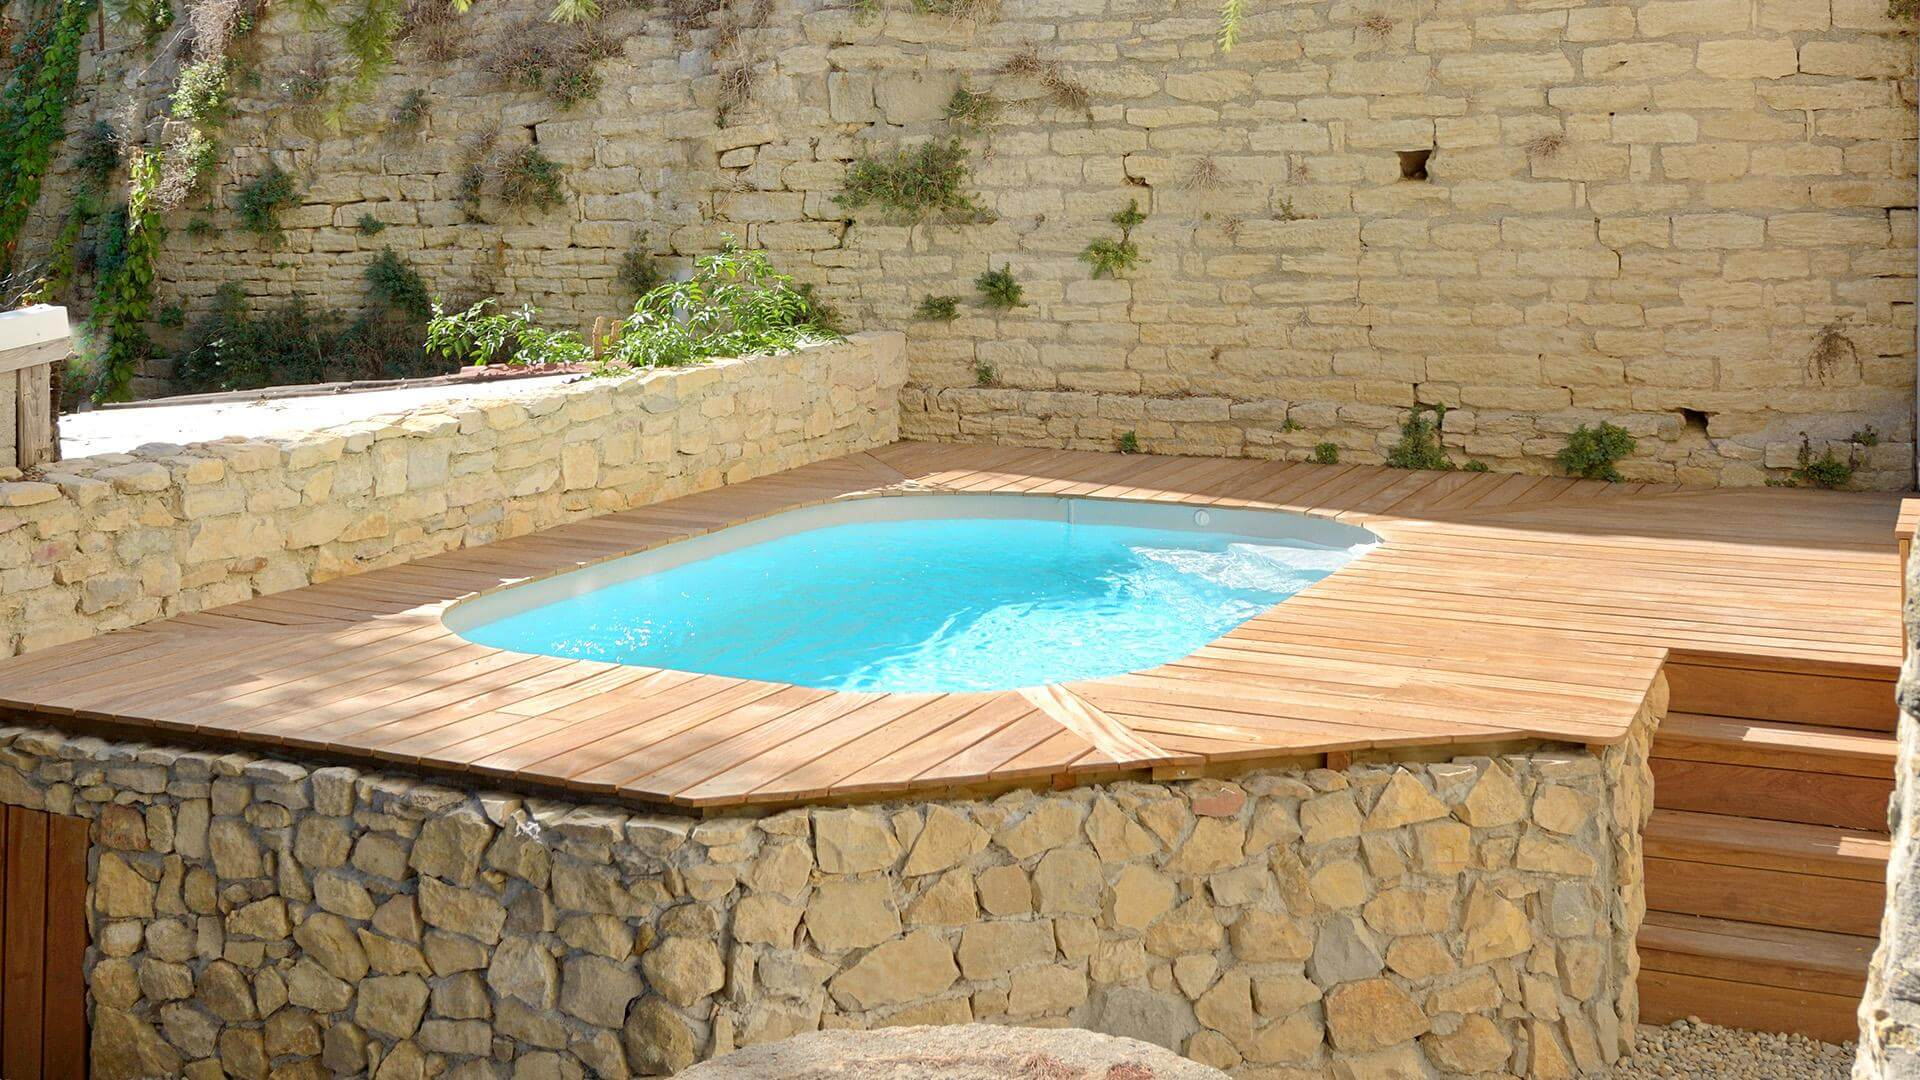 piscina waterair sara mini il relax nel formato ridotto. Black Bedroom Furniture Sets. Home Design Ideas